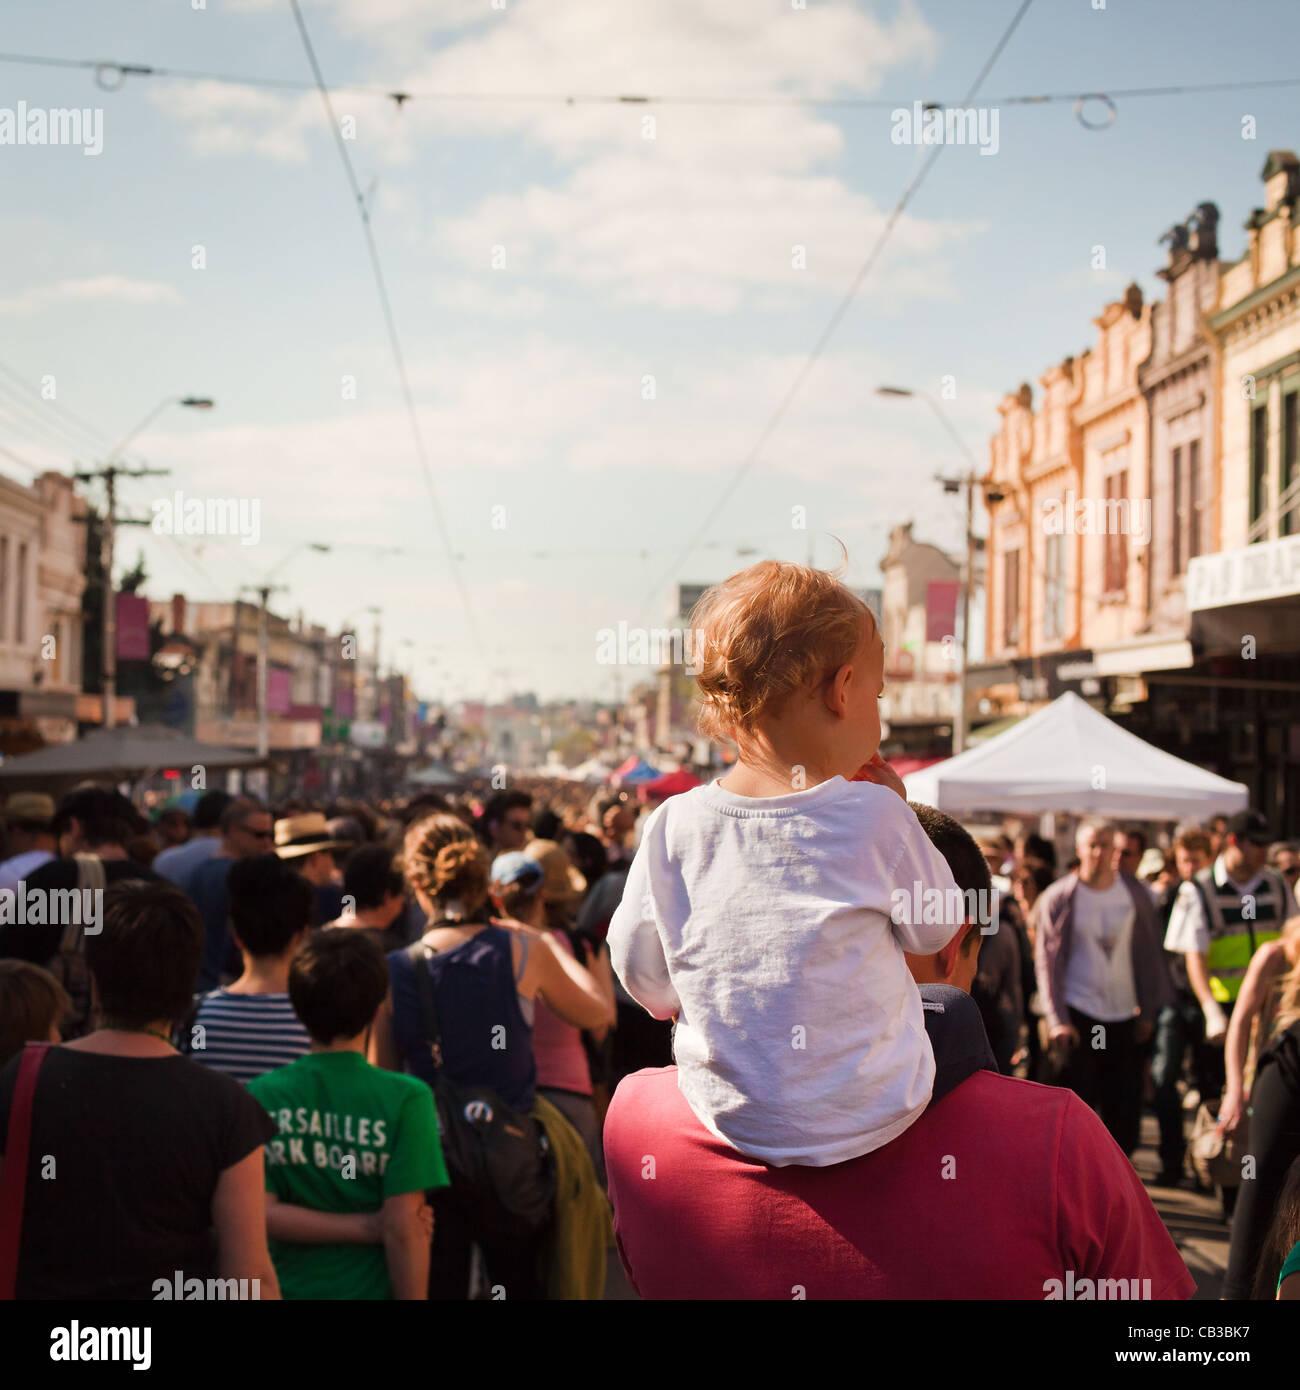 High Noon comunidade festival é um festival de música local Fernao Ferro em Melbourne, Austrália Imagens de Stock